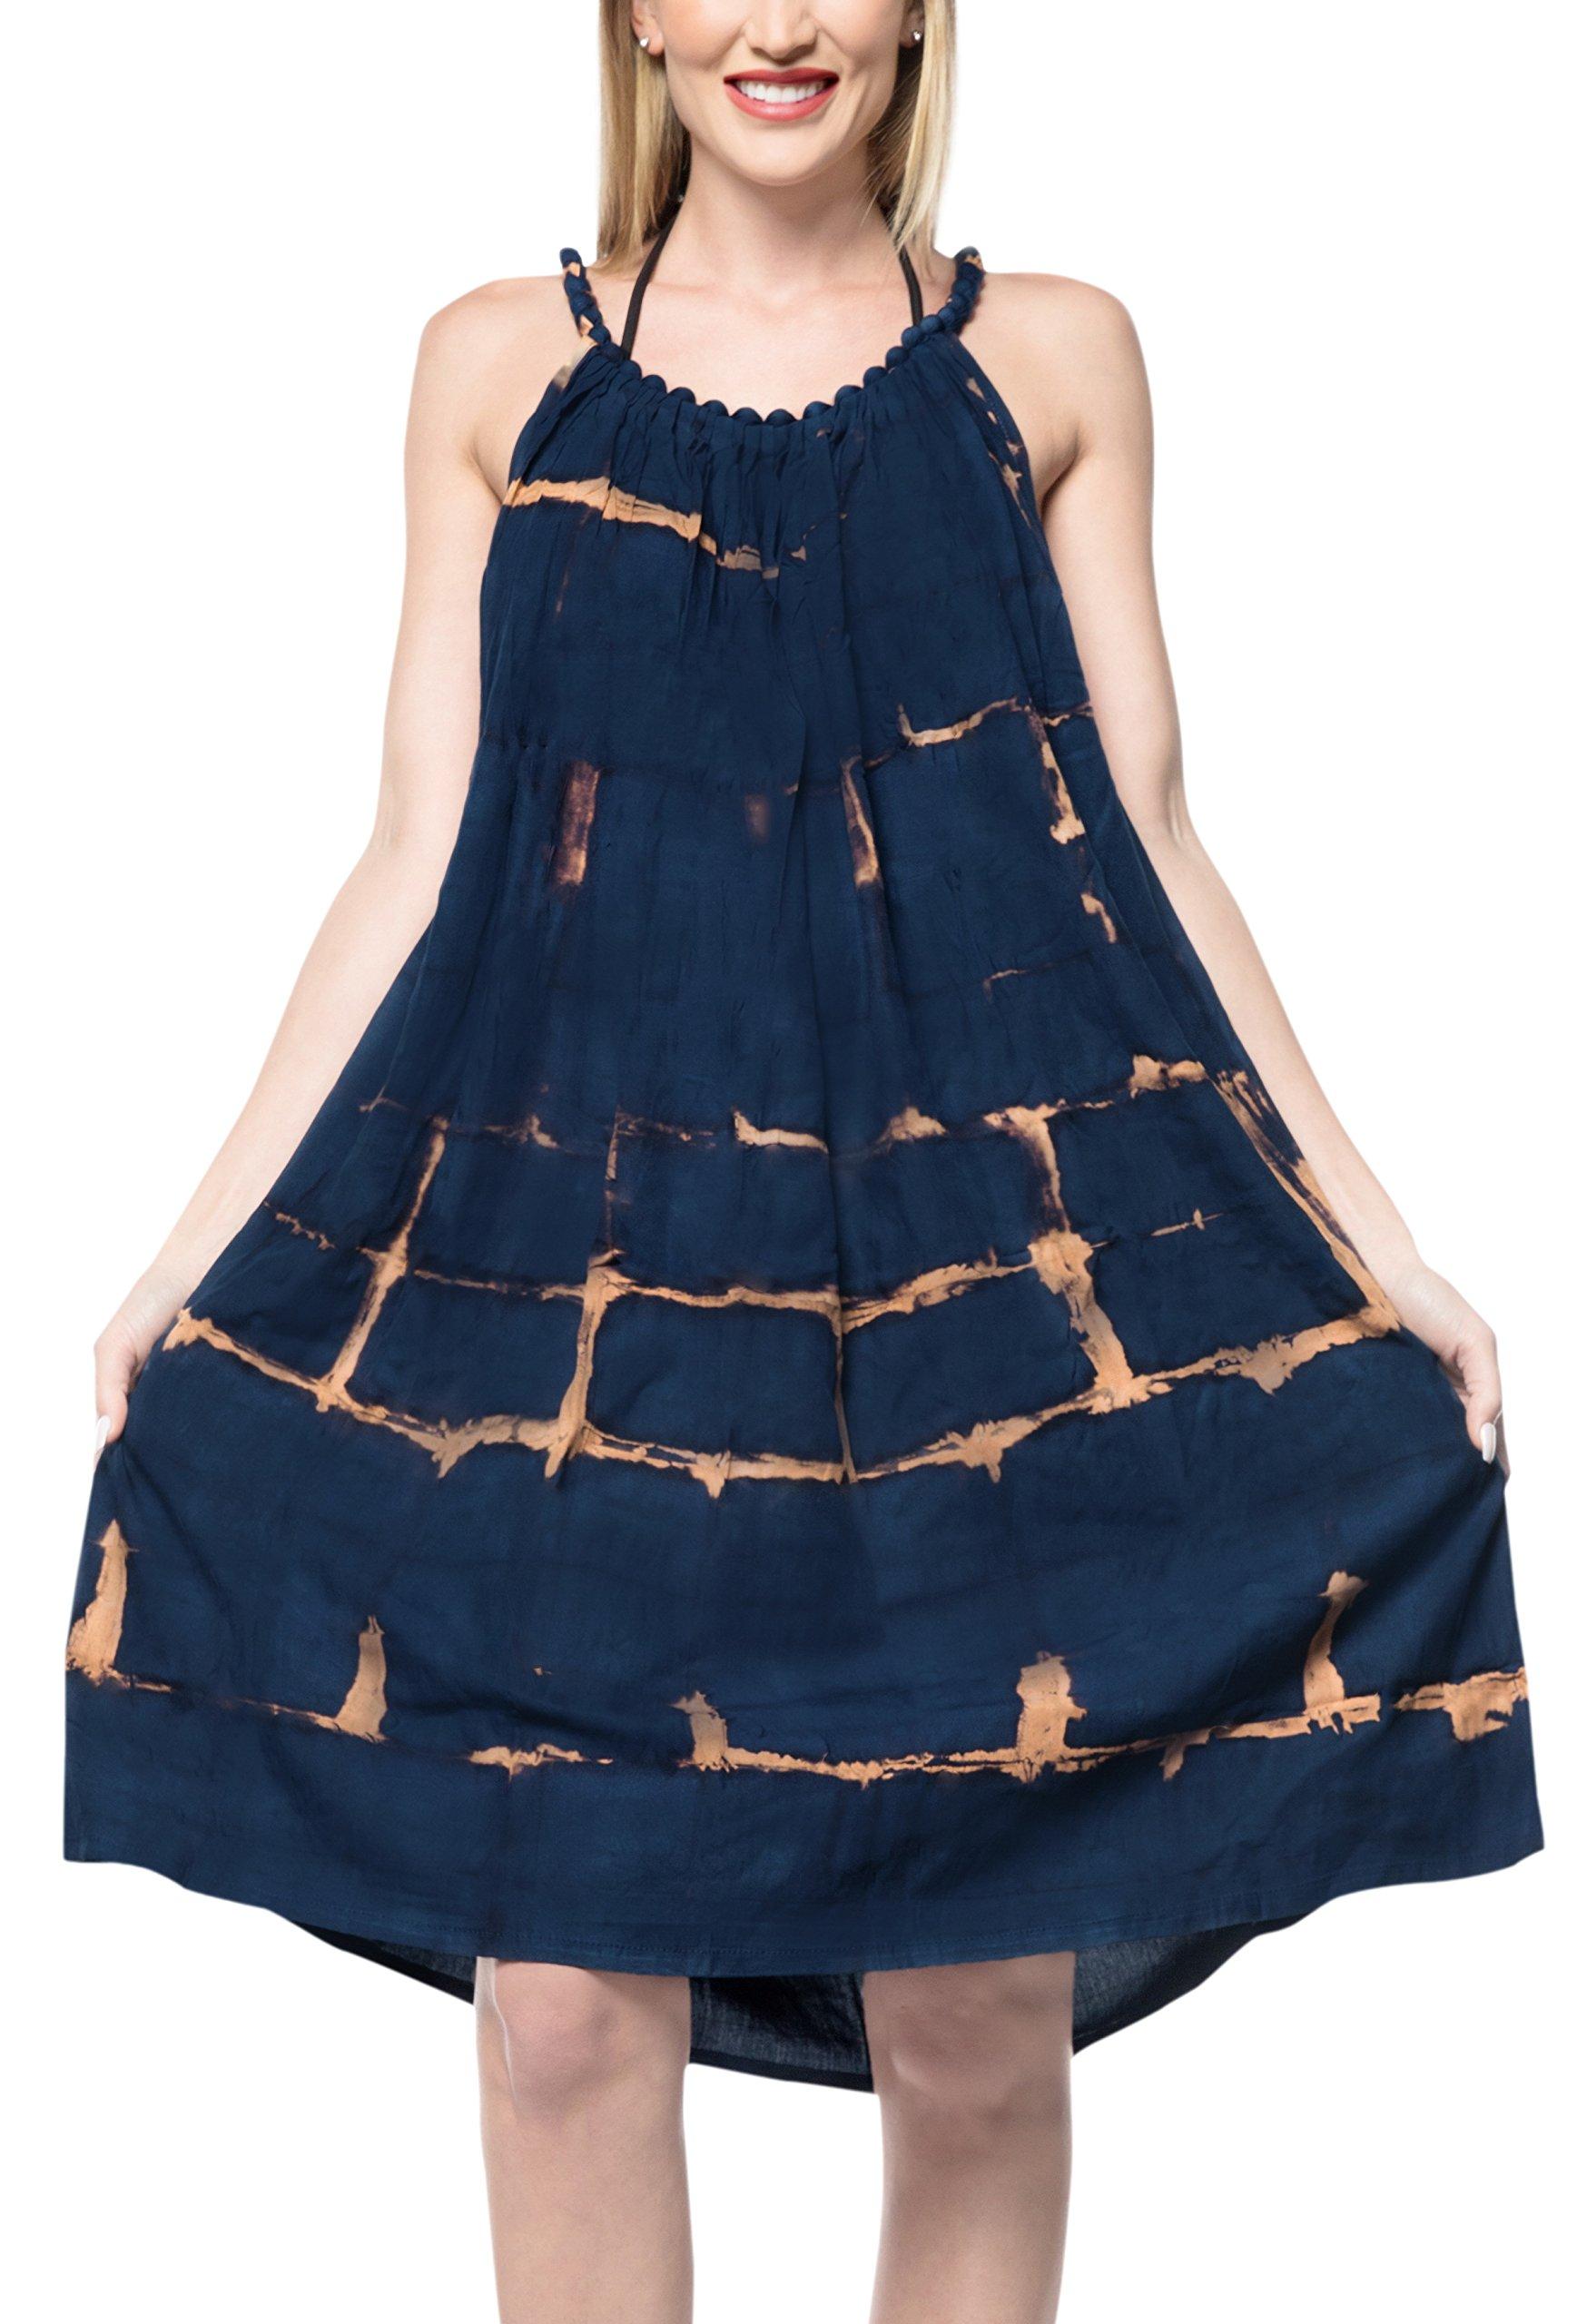 Le Leela Sundress, Navy, One Size